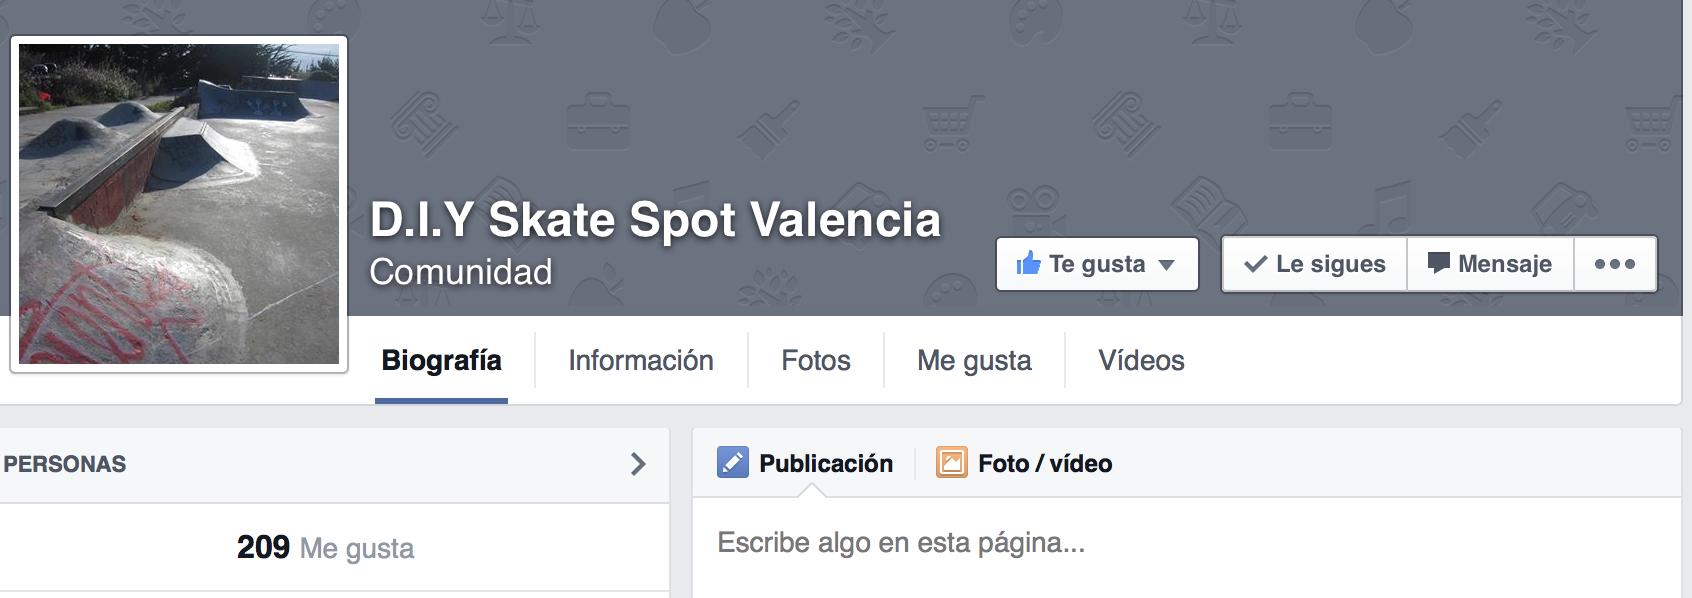 Quieres tener un nuevo skatepark en valencia pues hagmoslo entre foto pgina de facebook do it yourself valencia solutioingenieria Gallery